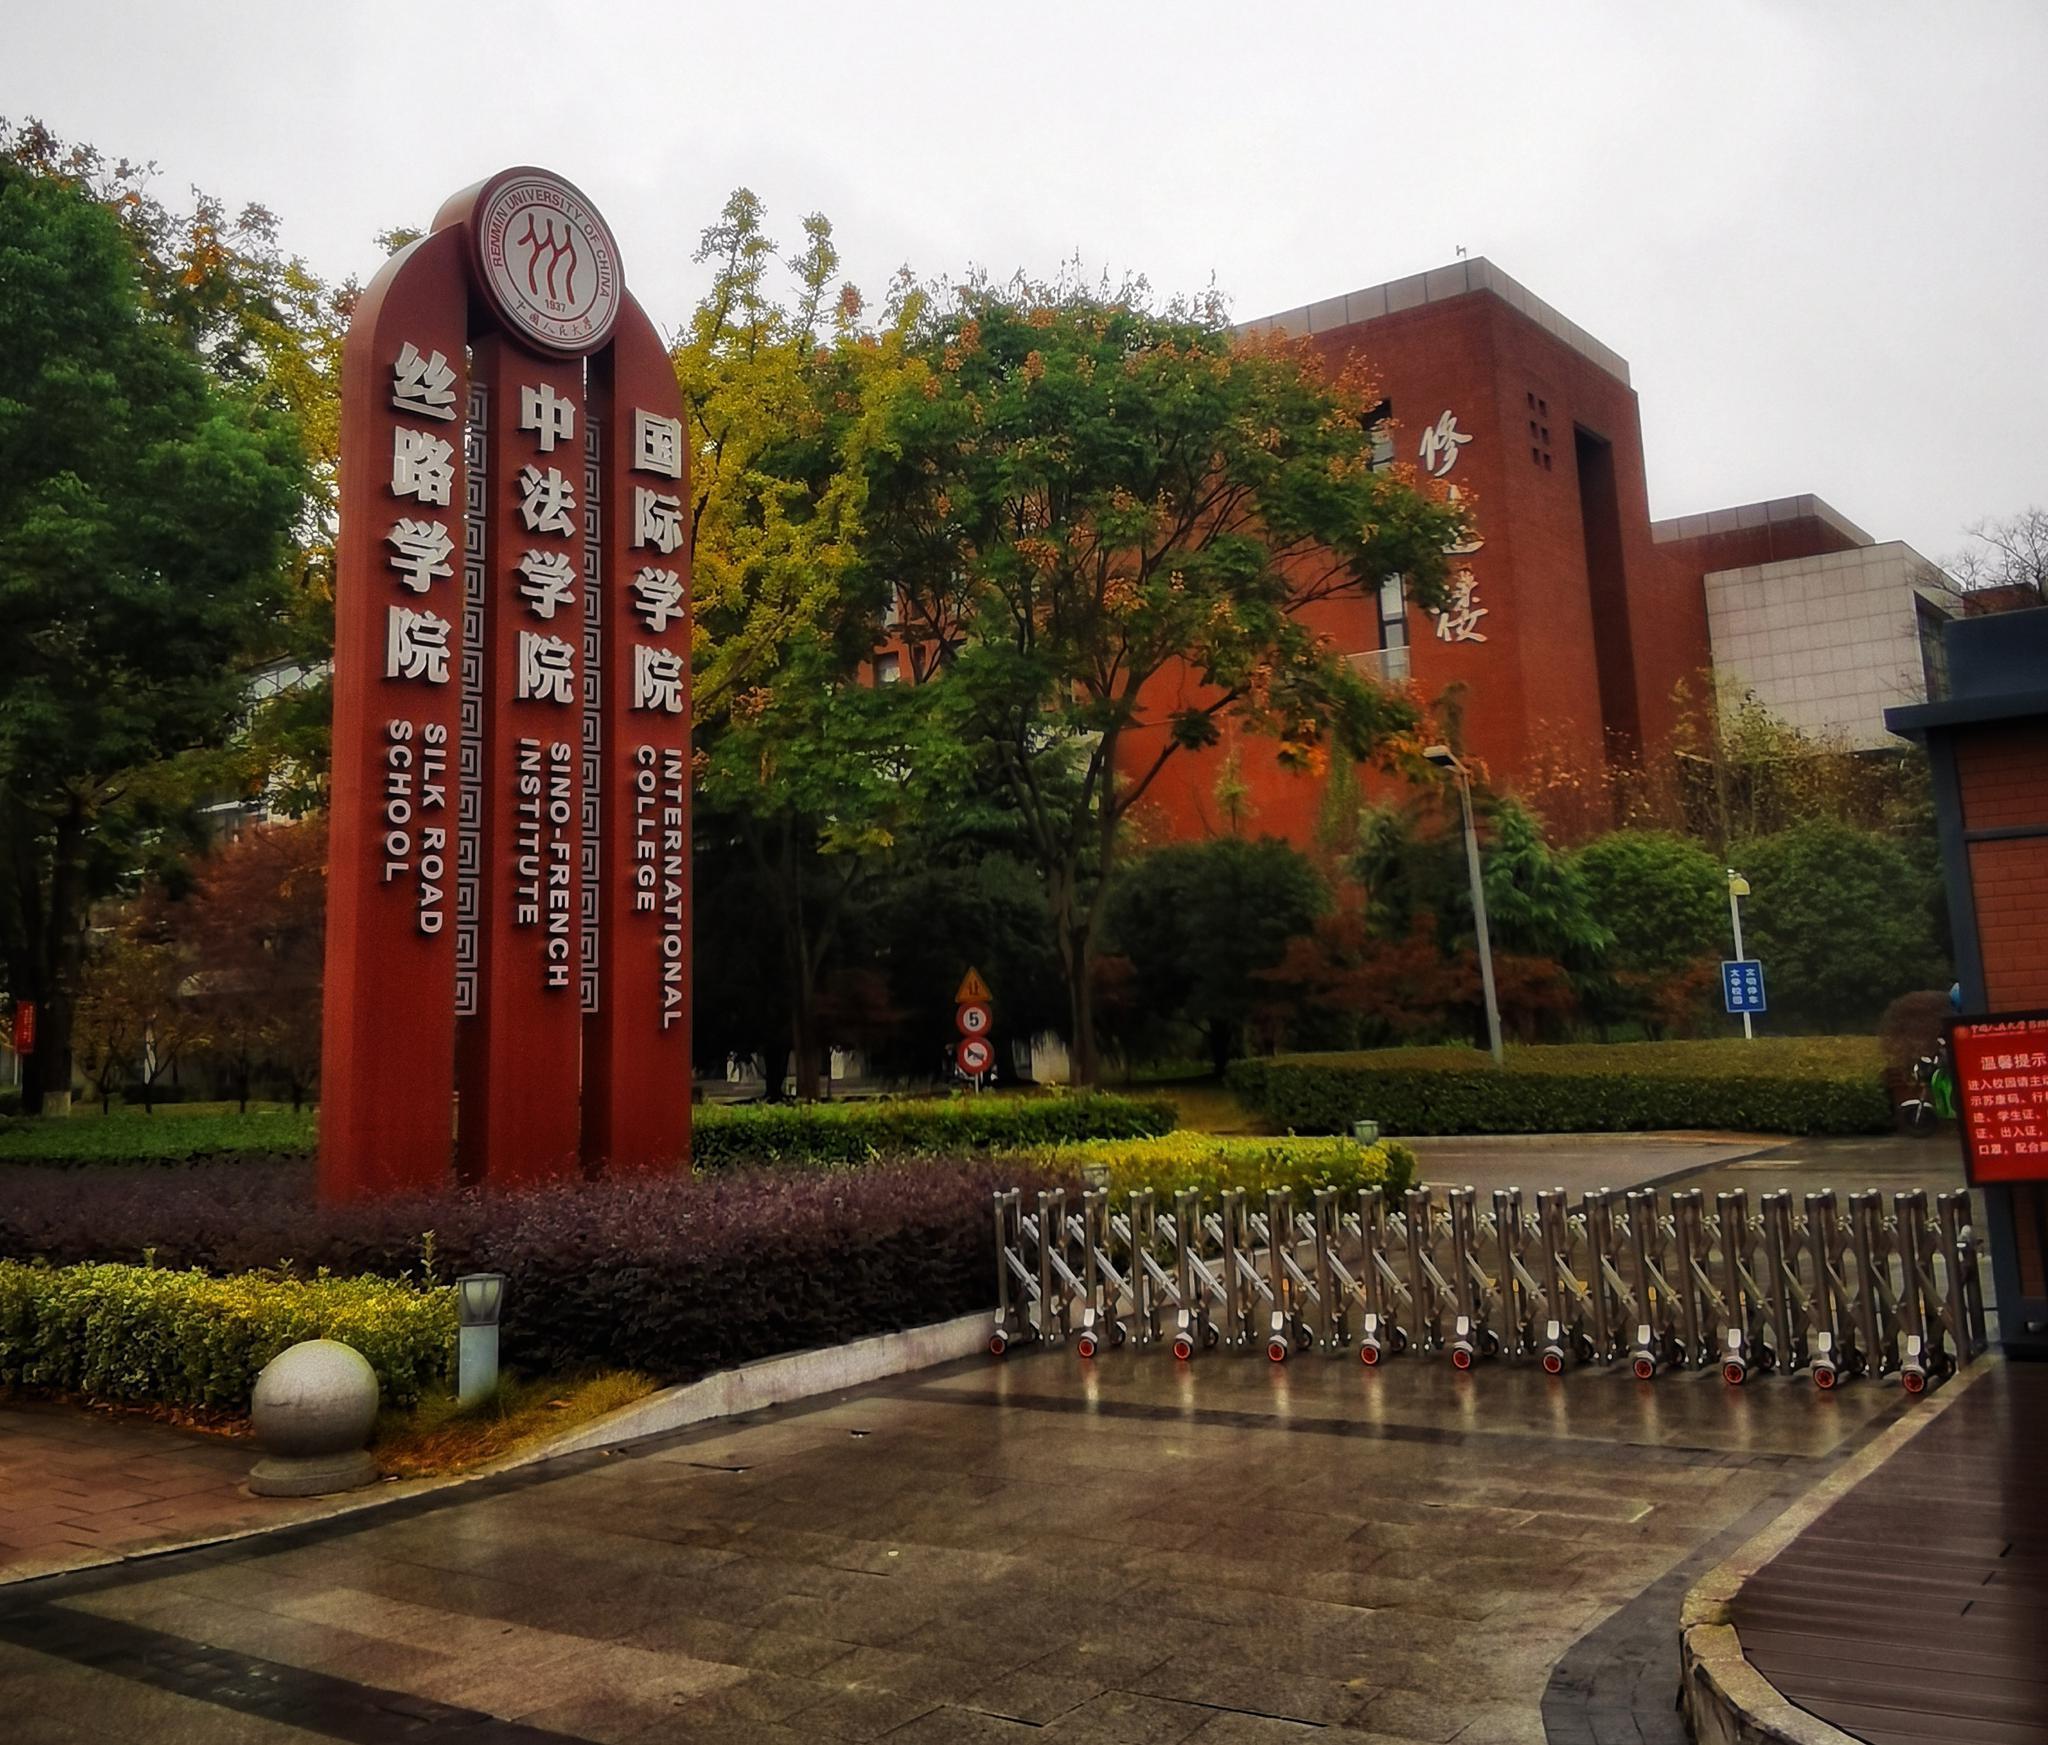 扬州市第五期文艺骨干培训班在中国人民大学苏州校区举办……